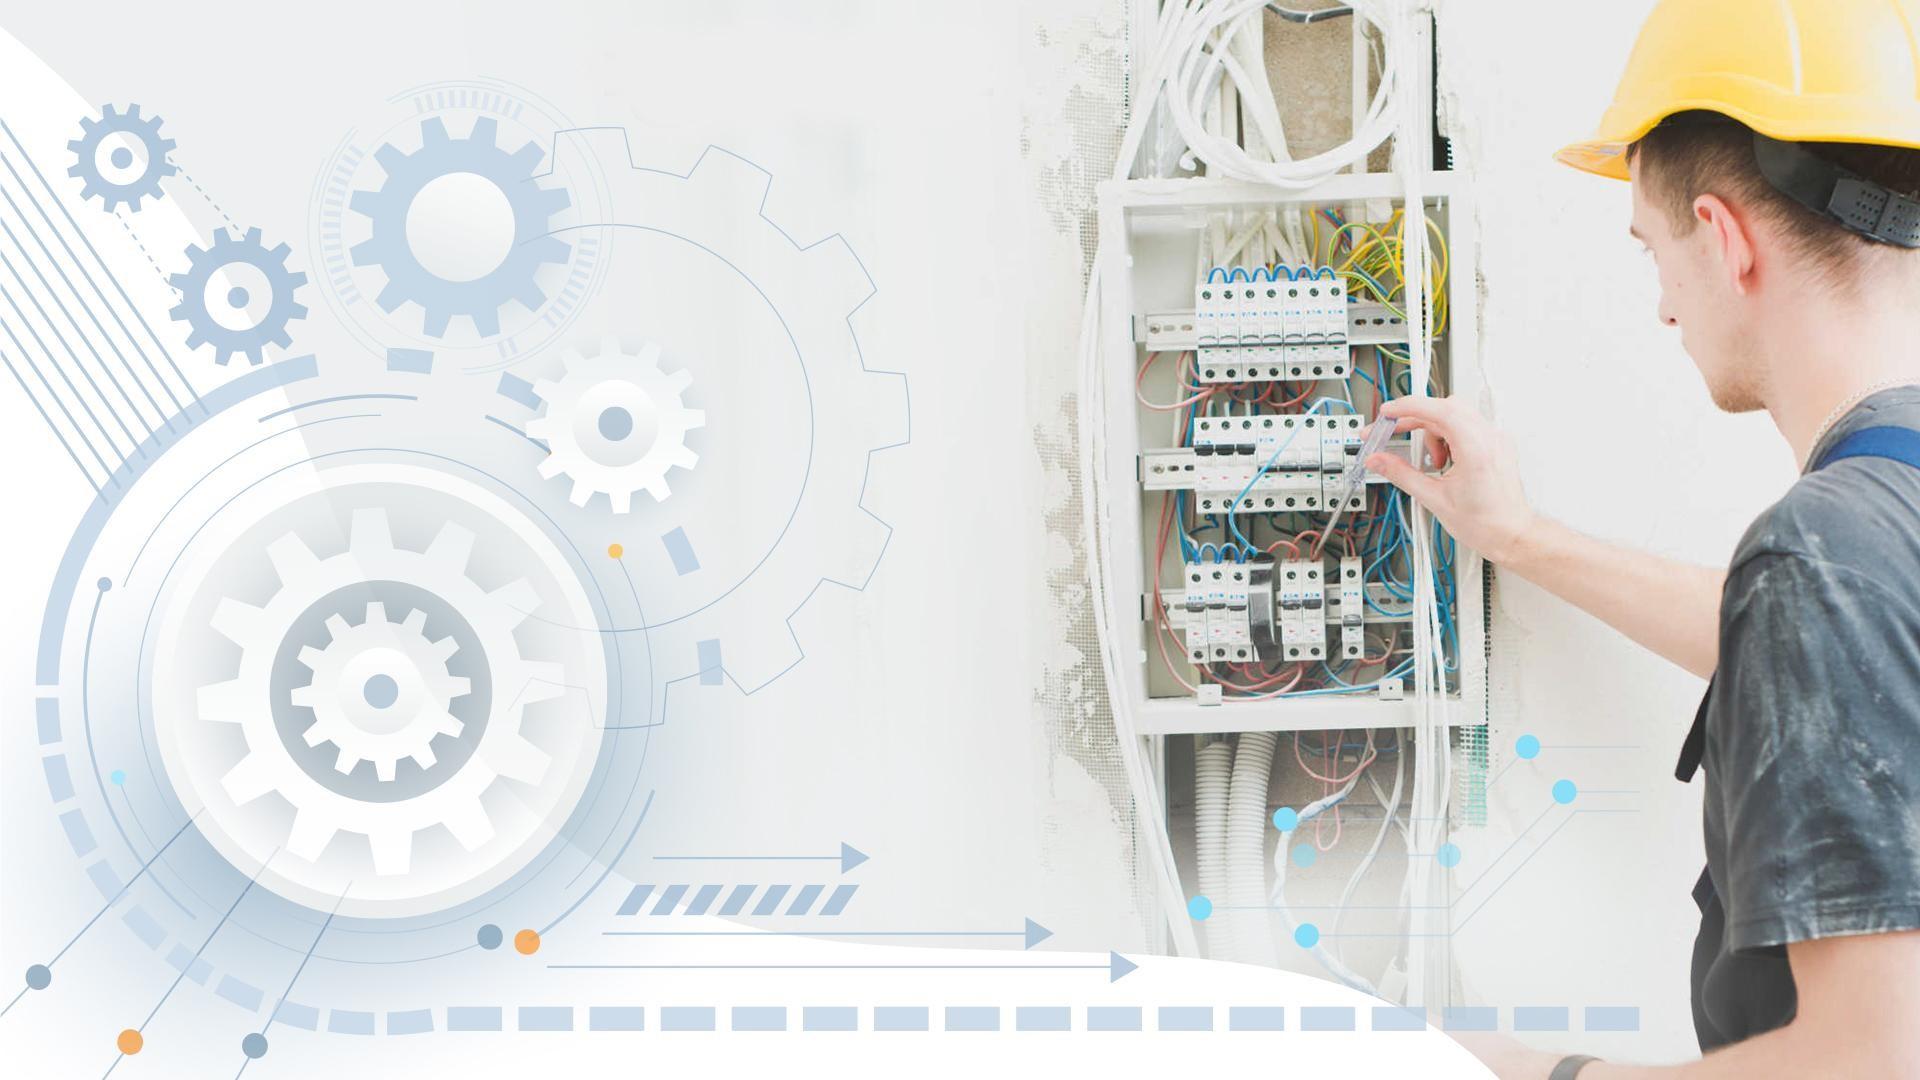 tuyển dụng bảo trì điện giờ hành chính tại tphcm